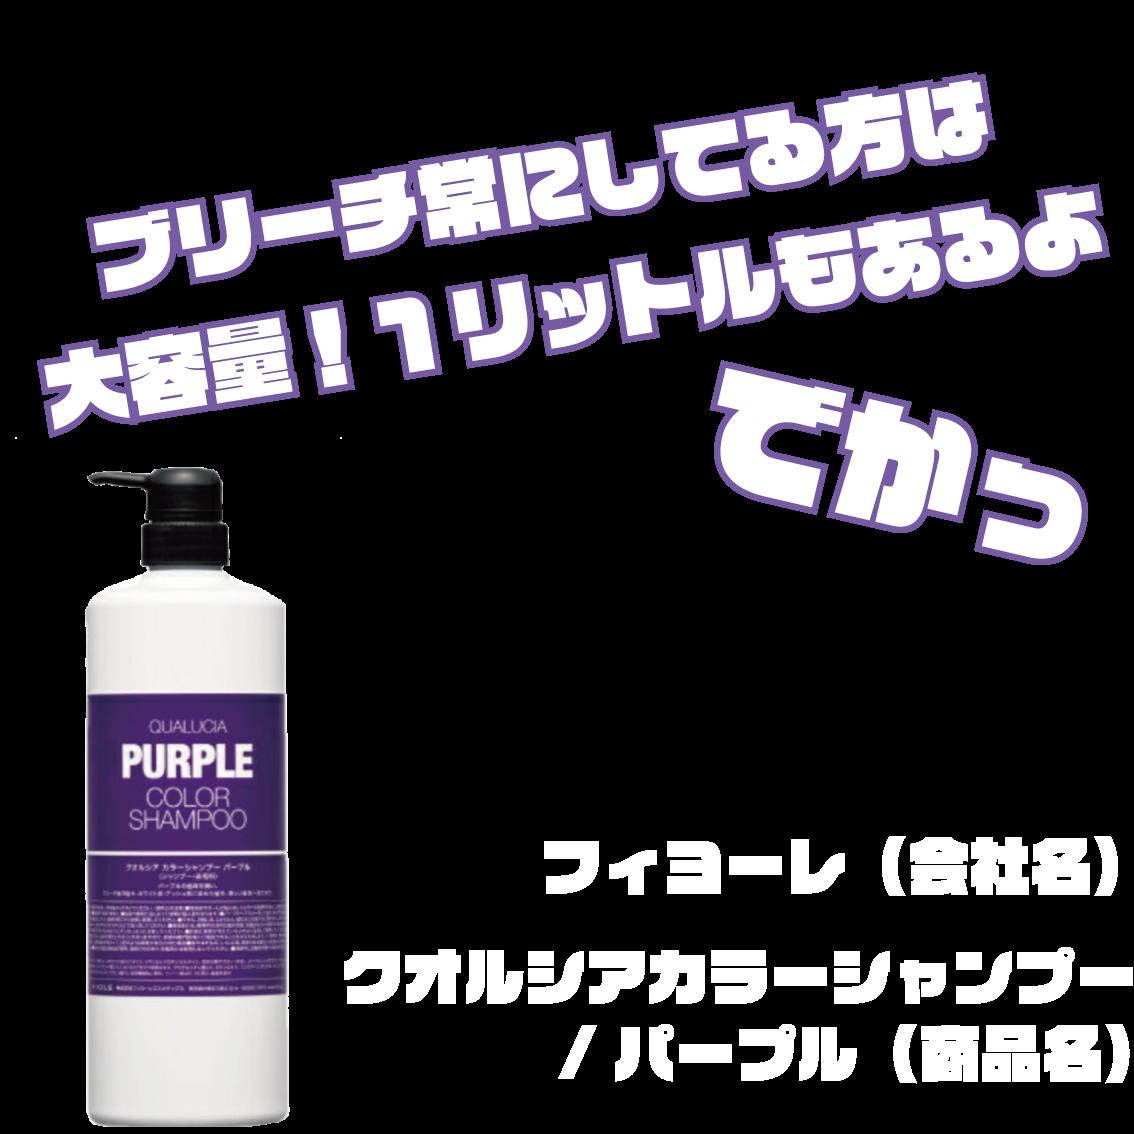 クオルシア 紫 シャンプー